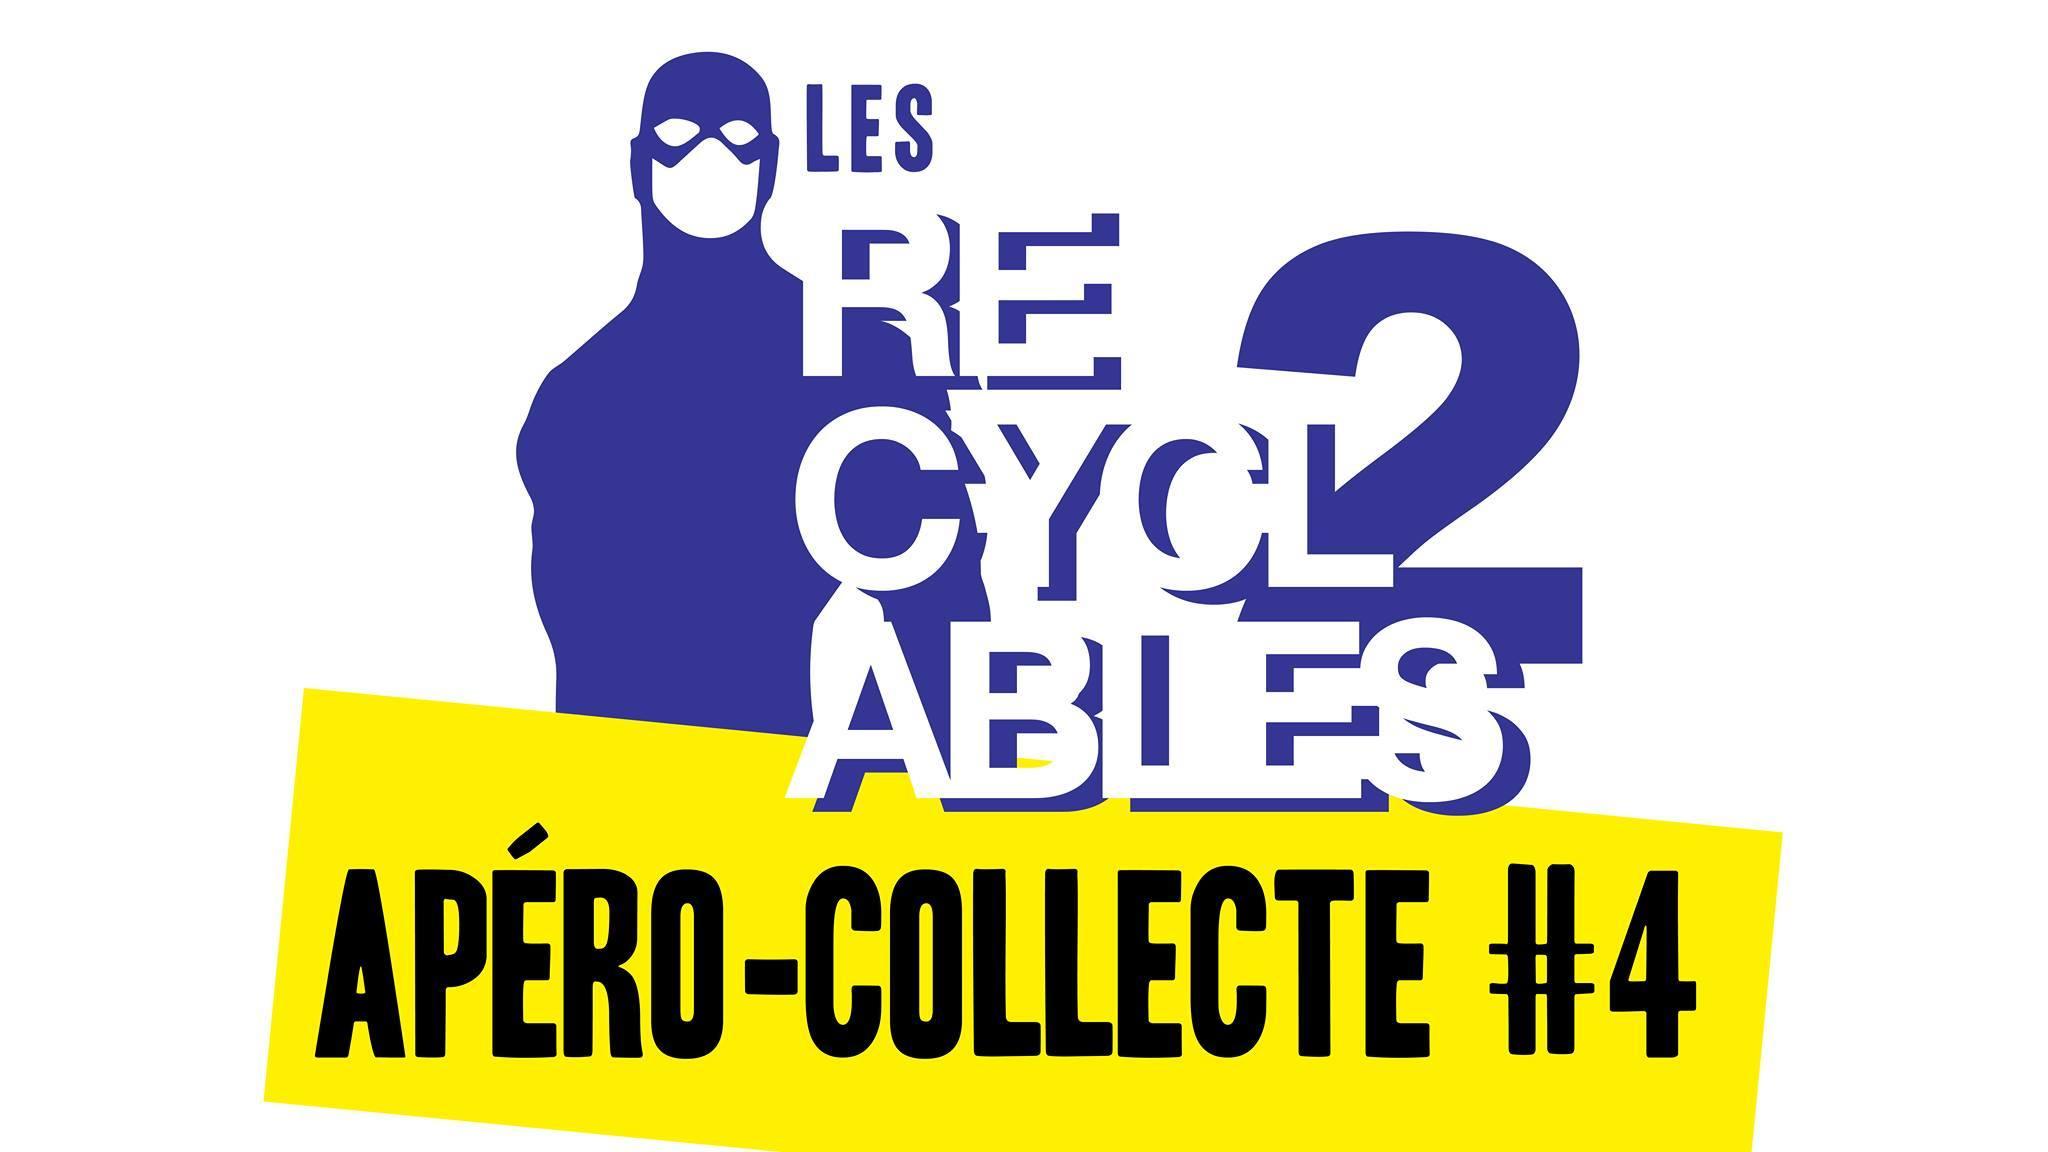 Pour leur 2e édition, les Recyclables reviennent avec un programme très, très chargé ! Et pour commencer, l'équipe relance les apéro-collectes pour récupérer des matériaux auprès des arlésiens...